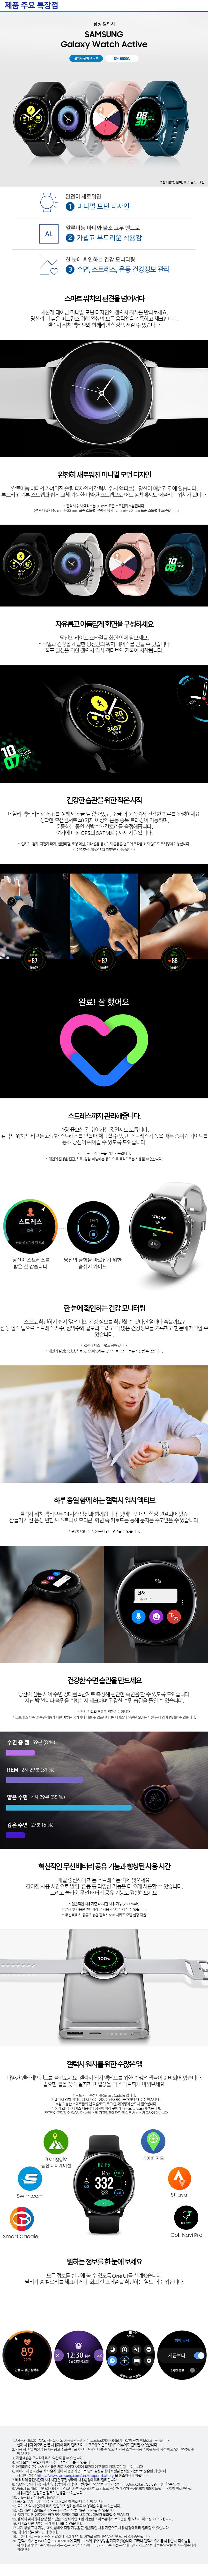 삼성전자(Samsung Electronics) 삼성 갤럭시워치 액티브 / SM-R500